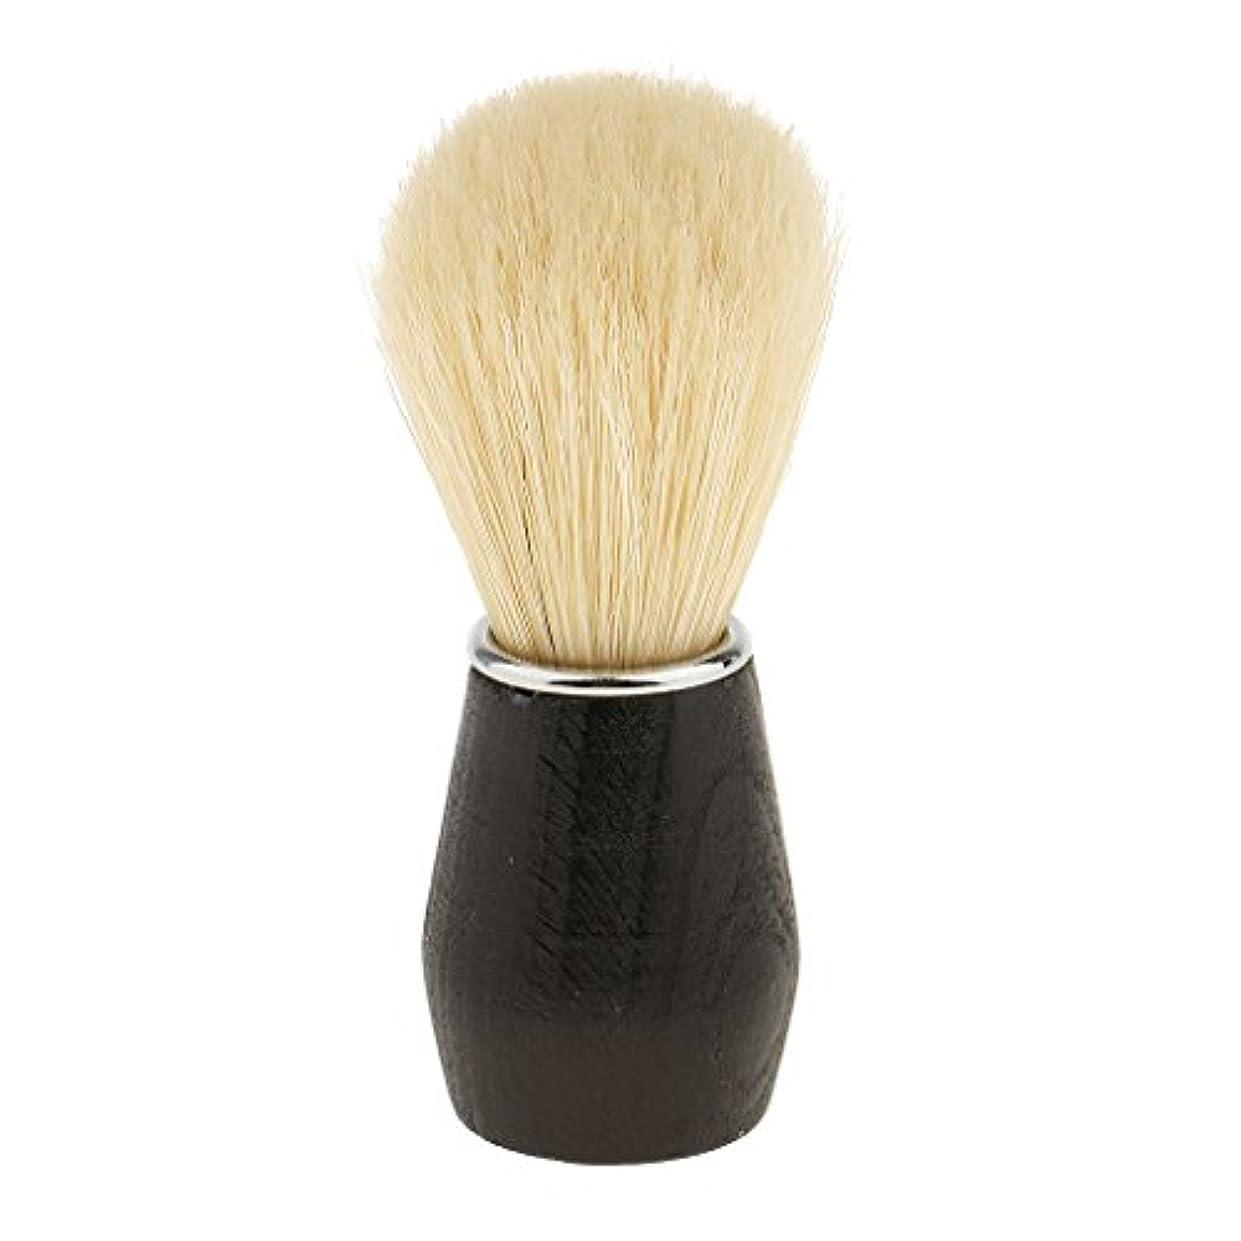 トレーダースキップ道徳のHellery ひげ剃りブラシ シェービングブラシ 毛髭ブラシ フェイシャルクリーニングブラシ プラスチックハンドル